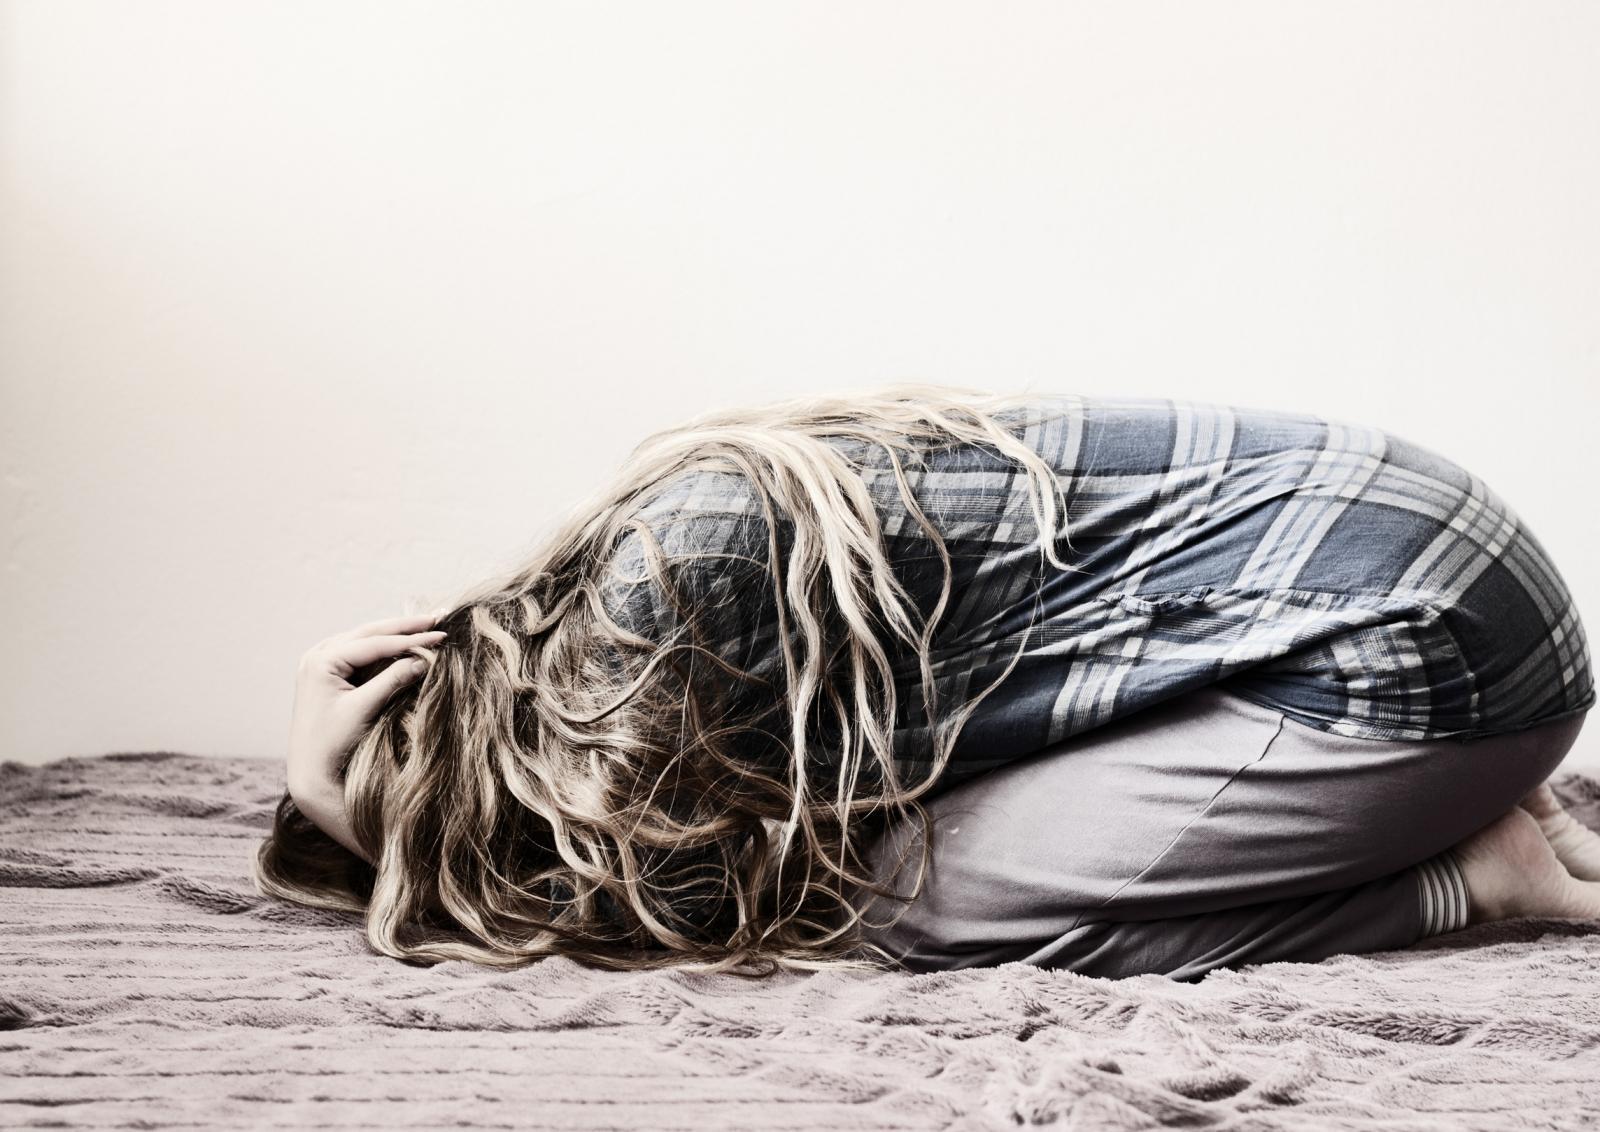 Antidépresseurs et benzodiazépines pour traiter la dépression majeure